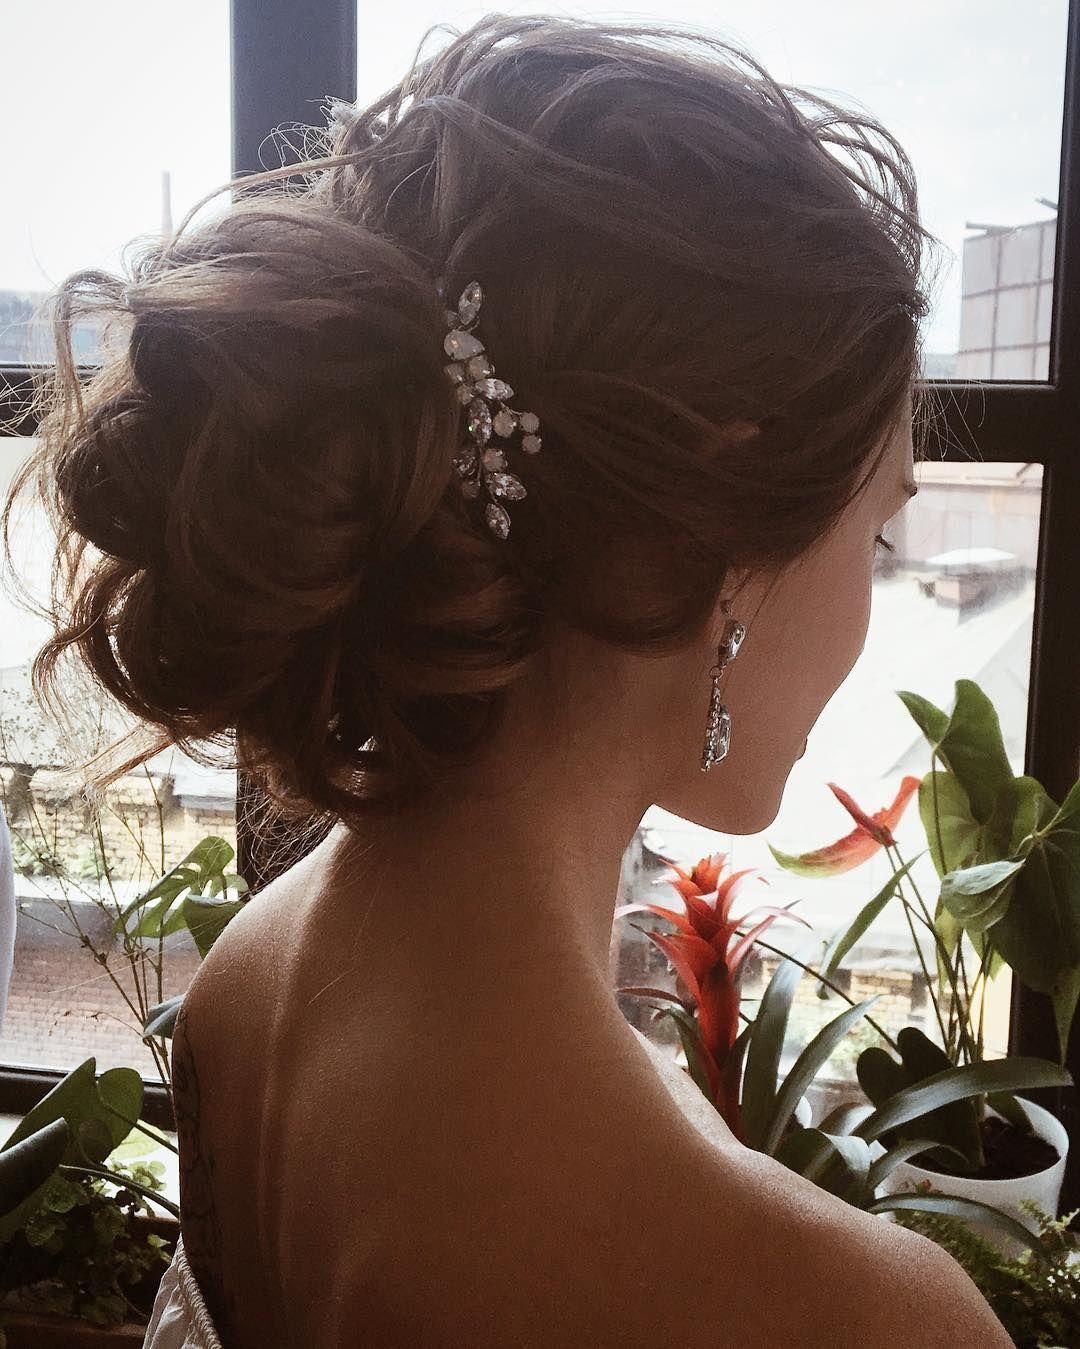 Hairstyle inspiration : Lena Bogucharskaya